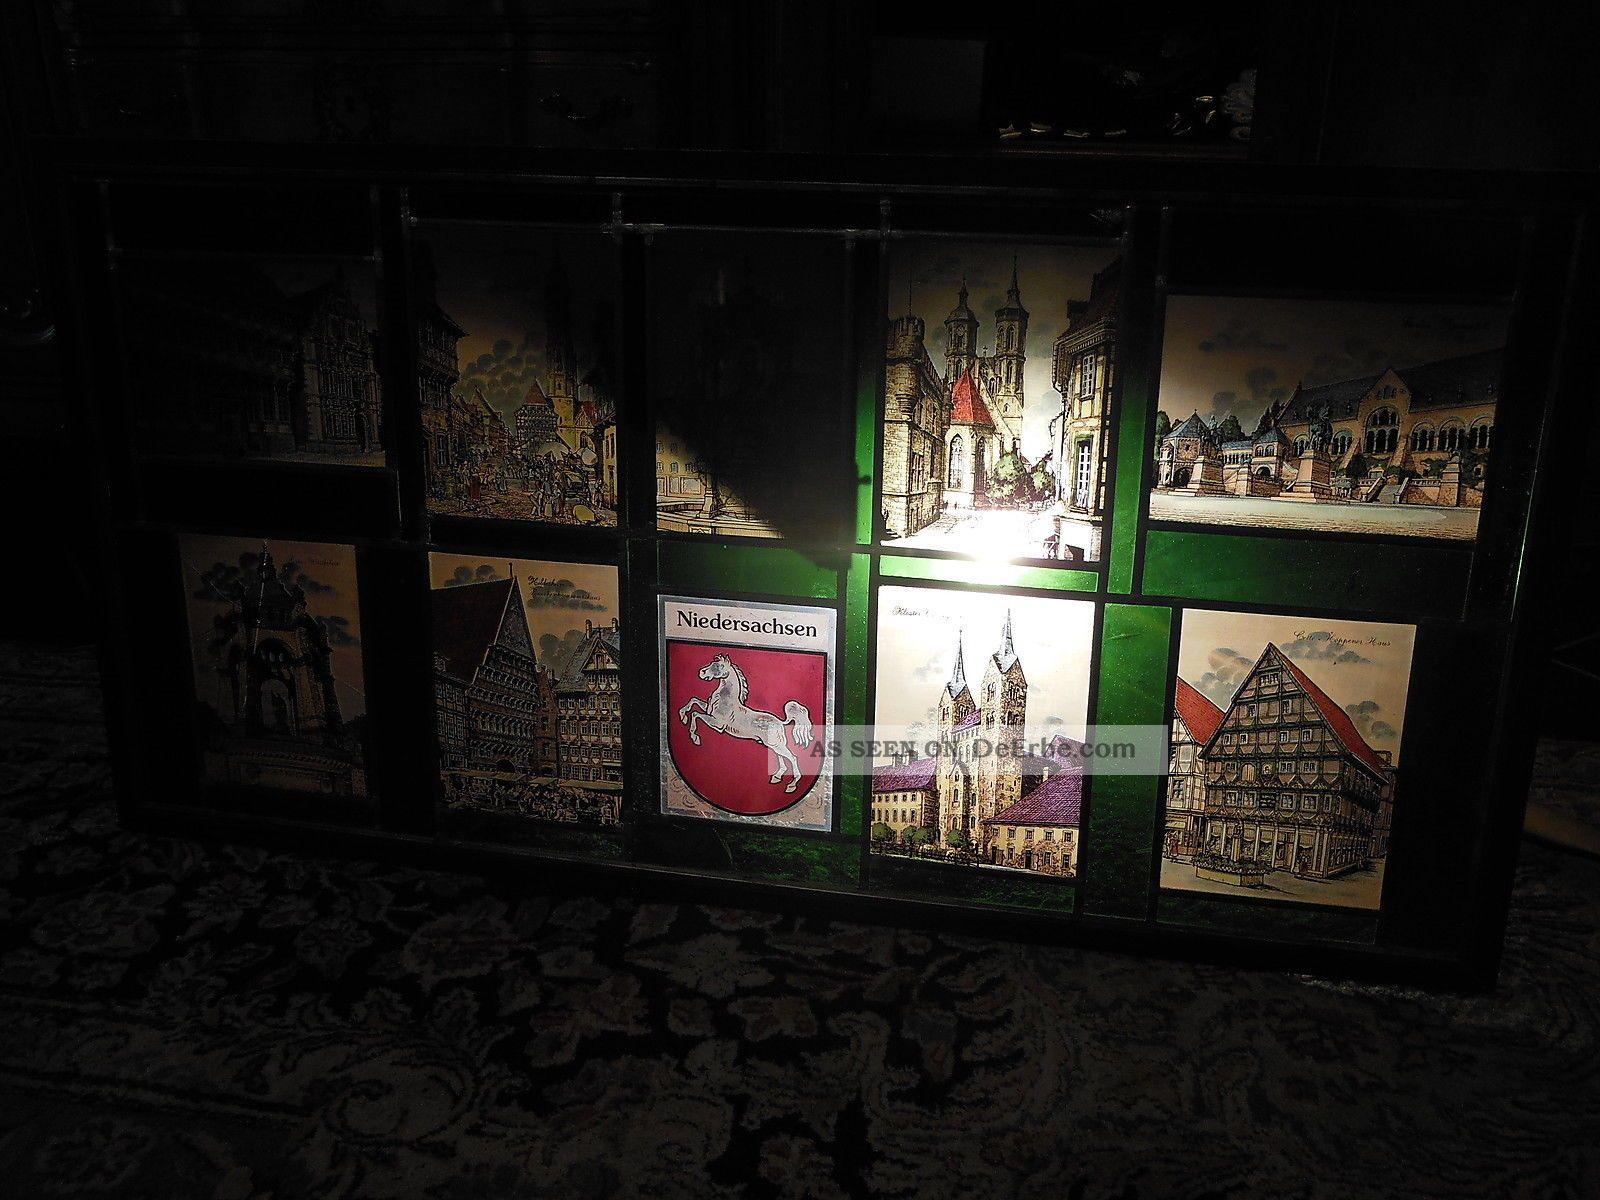 Großes Glasbild 125 X 66 Cm Städtemotive Aus Niedersachsen Glas & Kristall Bild